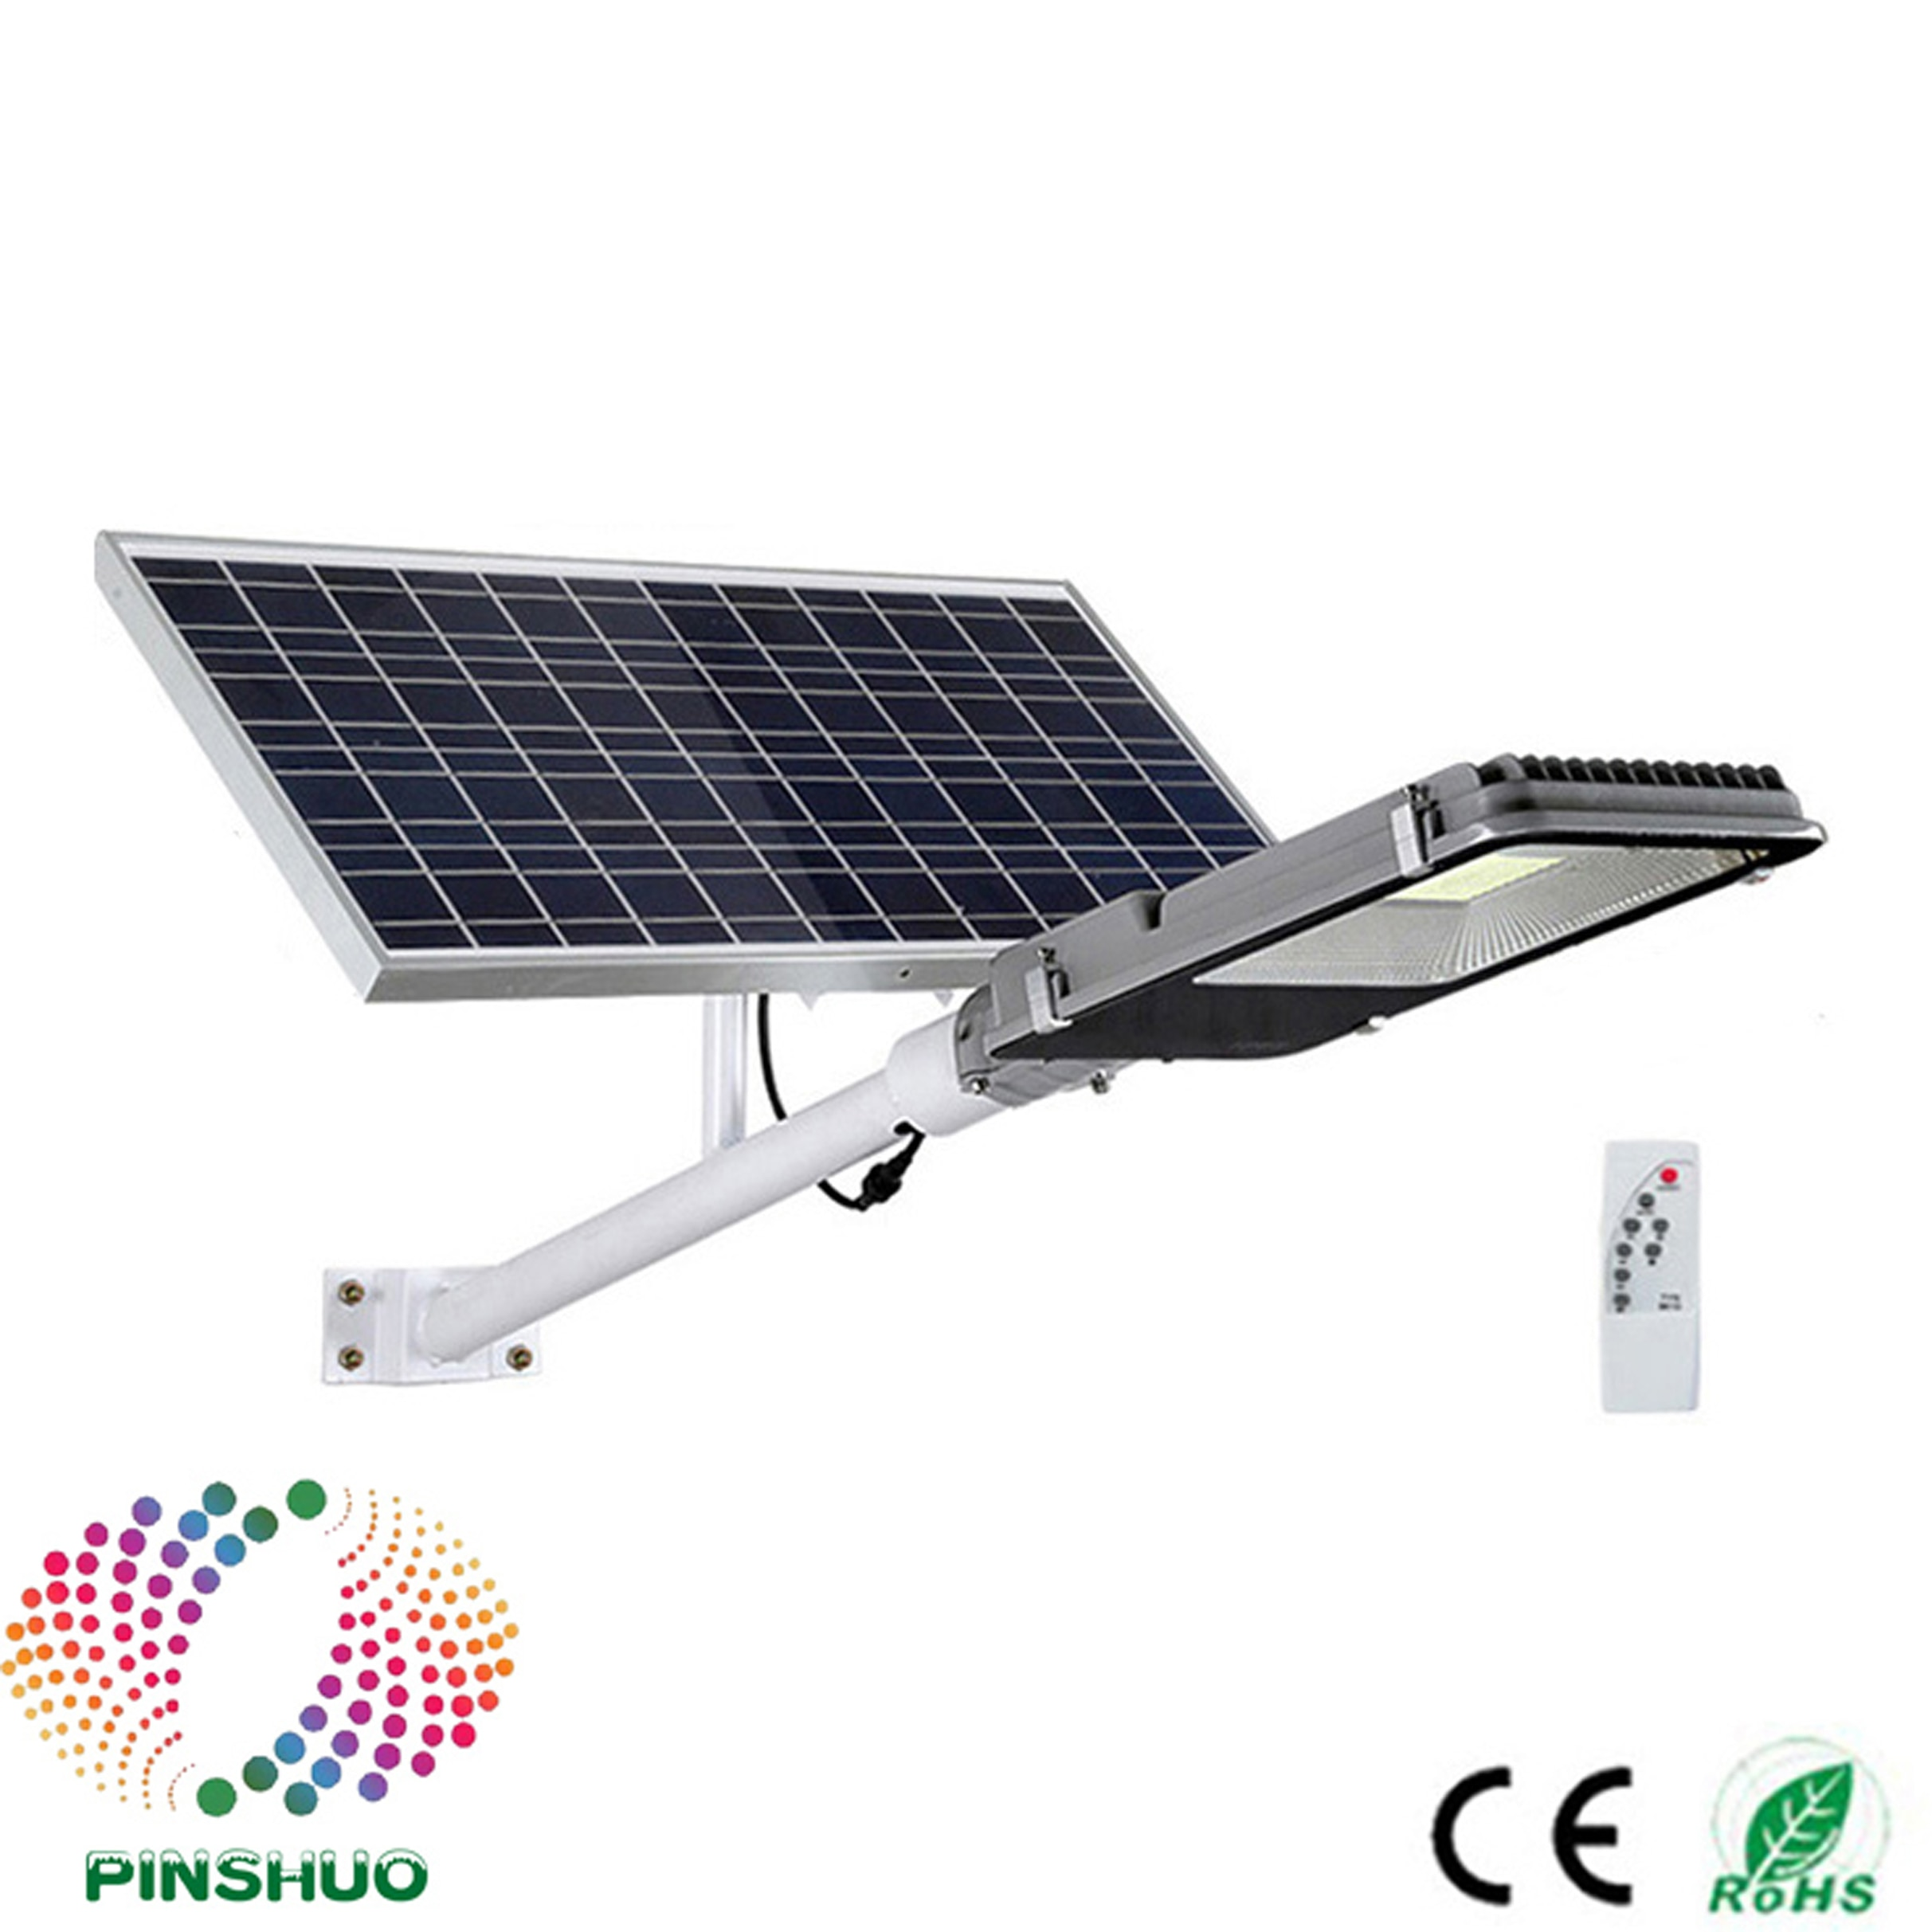 (4 unidades por lote) Garantía de 3 años, Sensor de movimiento remoto, luz LED de calle de 100W, Panel Solar, batería de jardín, lámpara de patio de carretera, carcasa gruesa